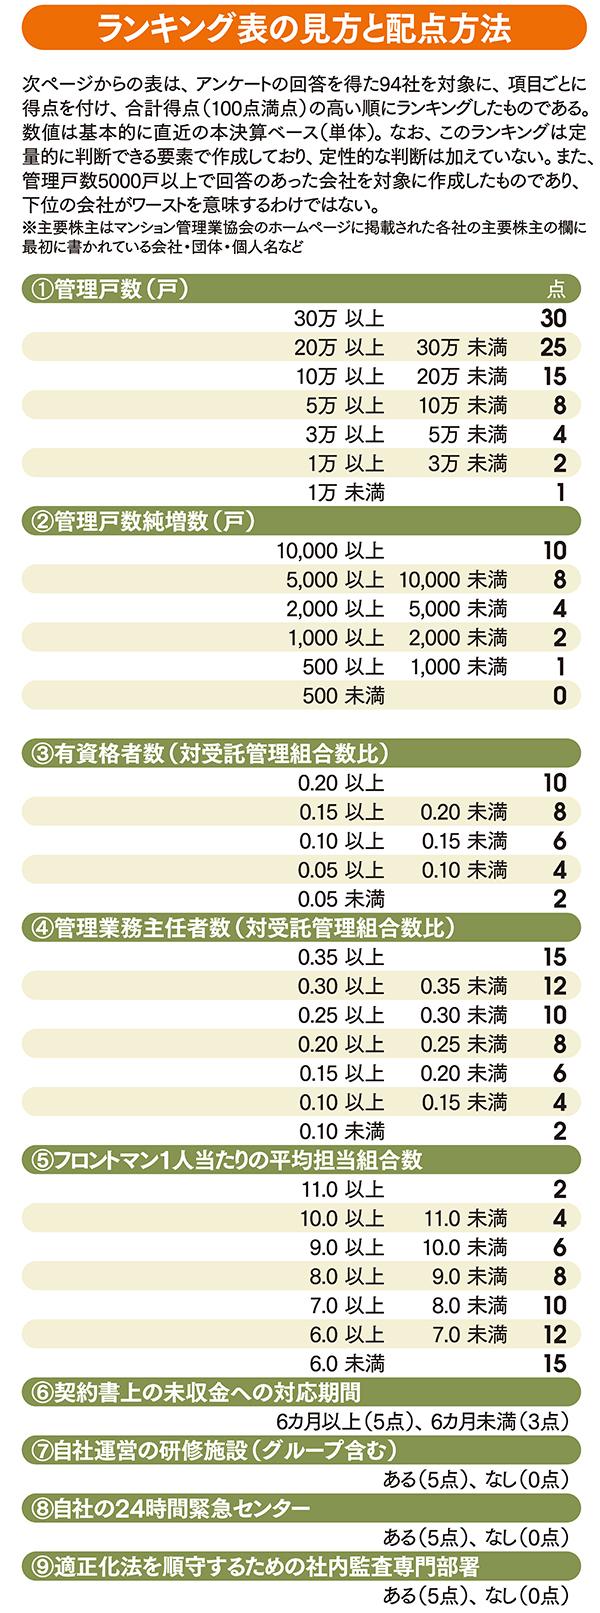 東急コミュニティーが1位 <br />マンション管理会社ランキング94